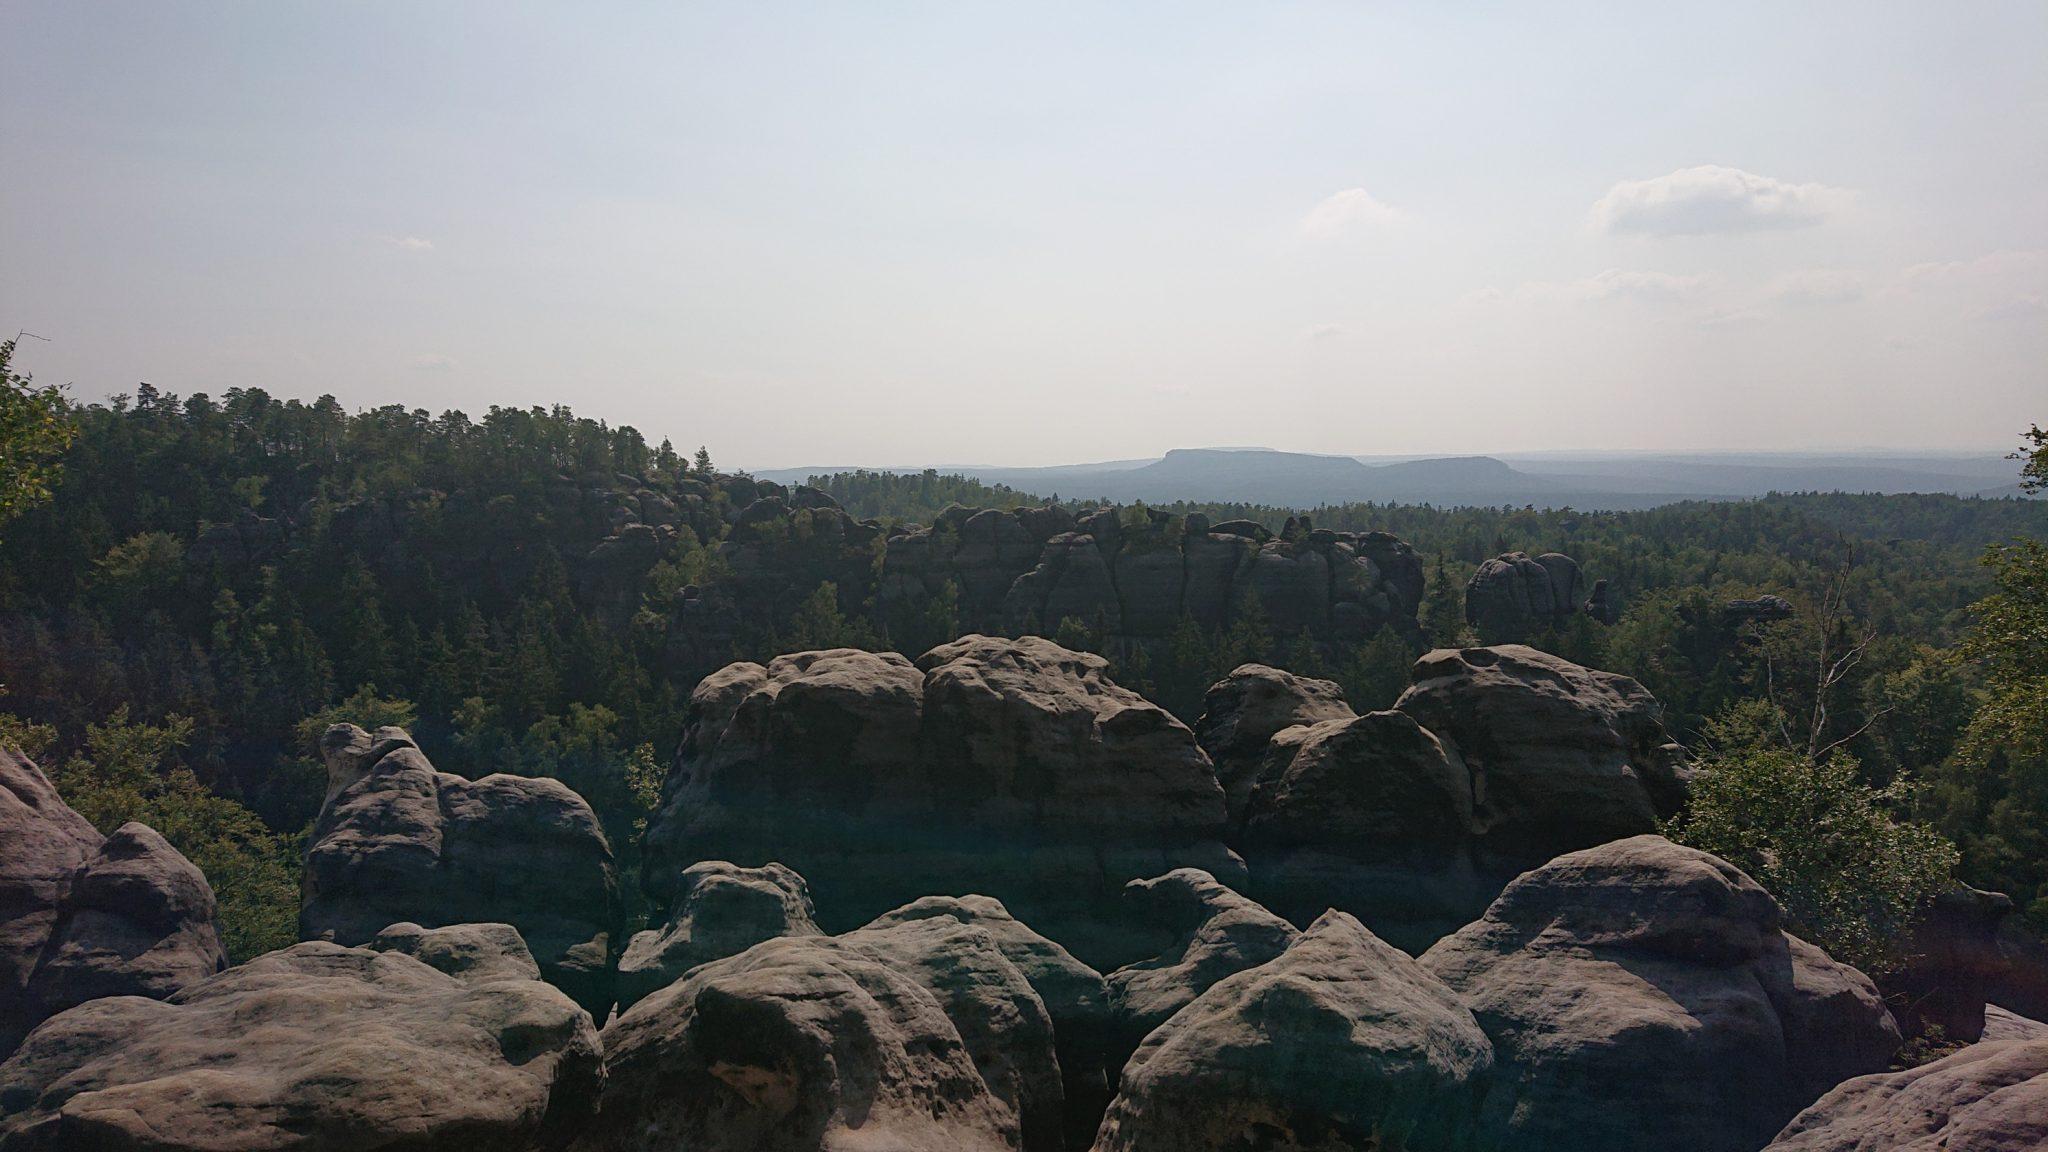 Affensteinweg Frienstein Carolafelsen und Wilde Hölle, Hohe Liebe, Schrammsteine, Wanderweg im Wanderparadies Sächsische Schweiz mit vielen tollen Aussichten, riesiger Felsennationalpark